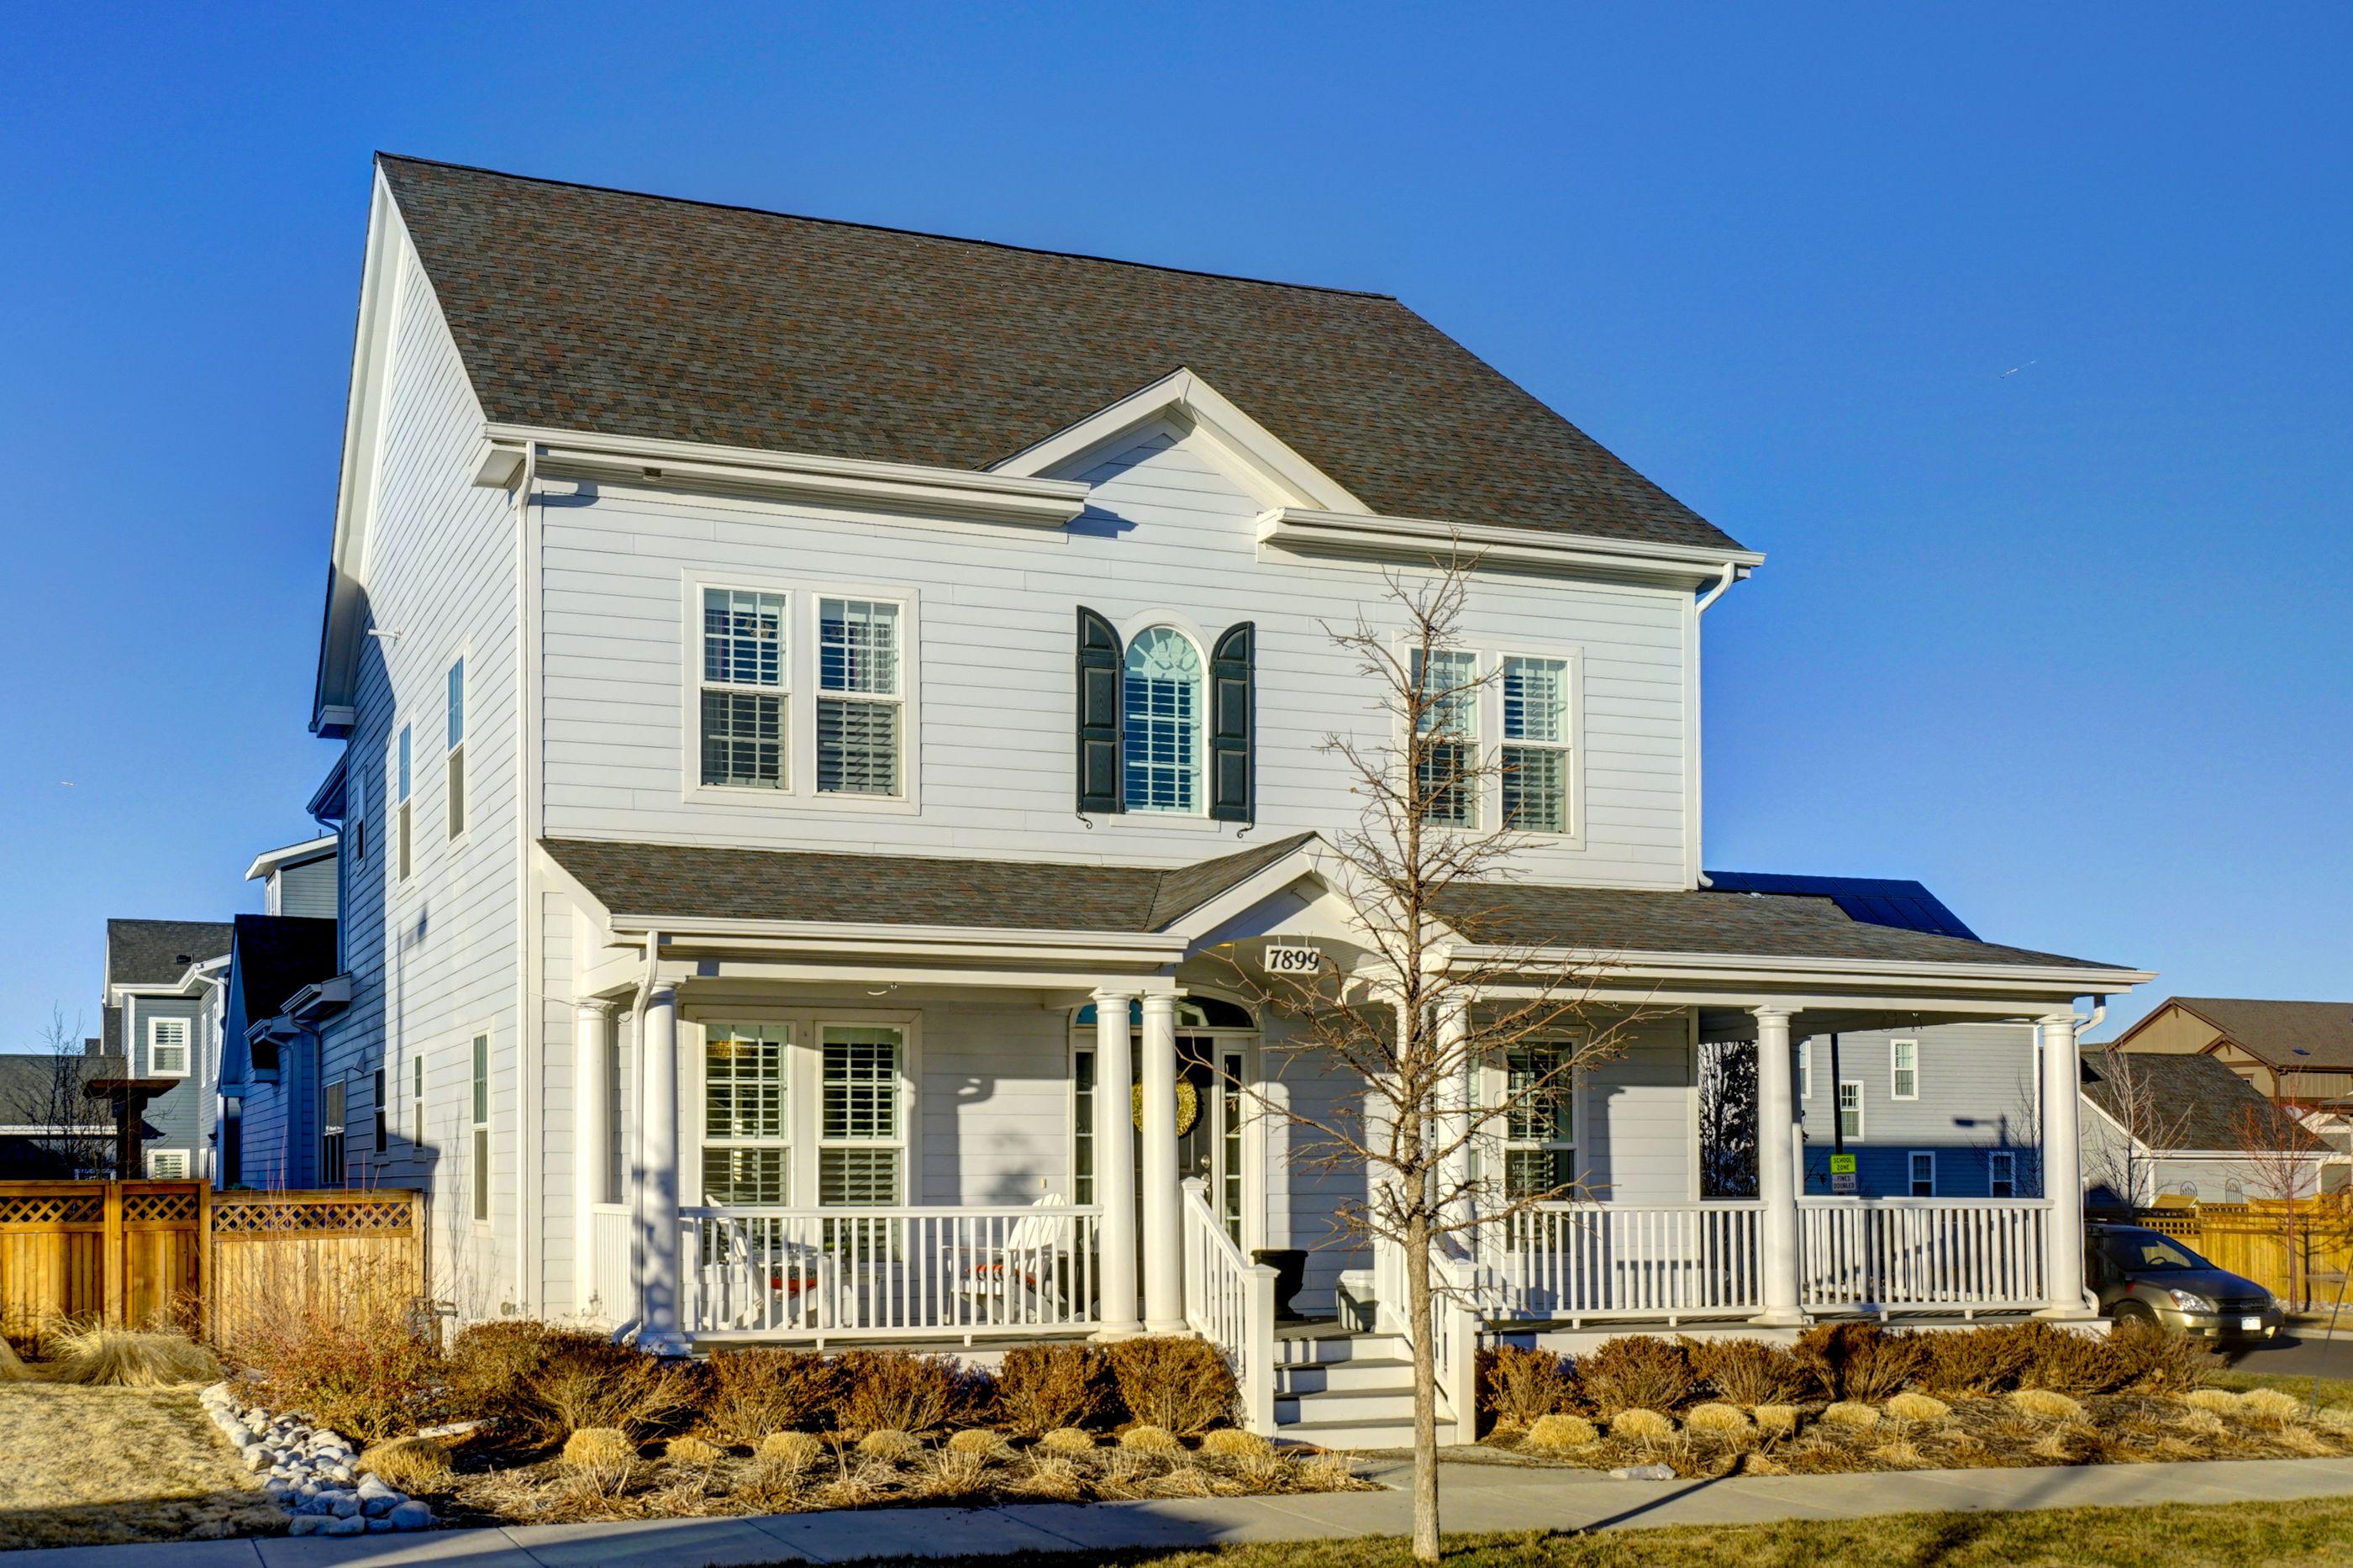 'Stapleton' by Parkwood Homes in Denver